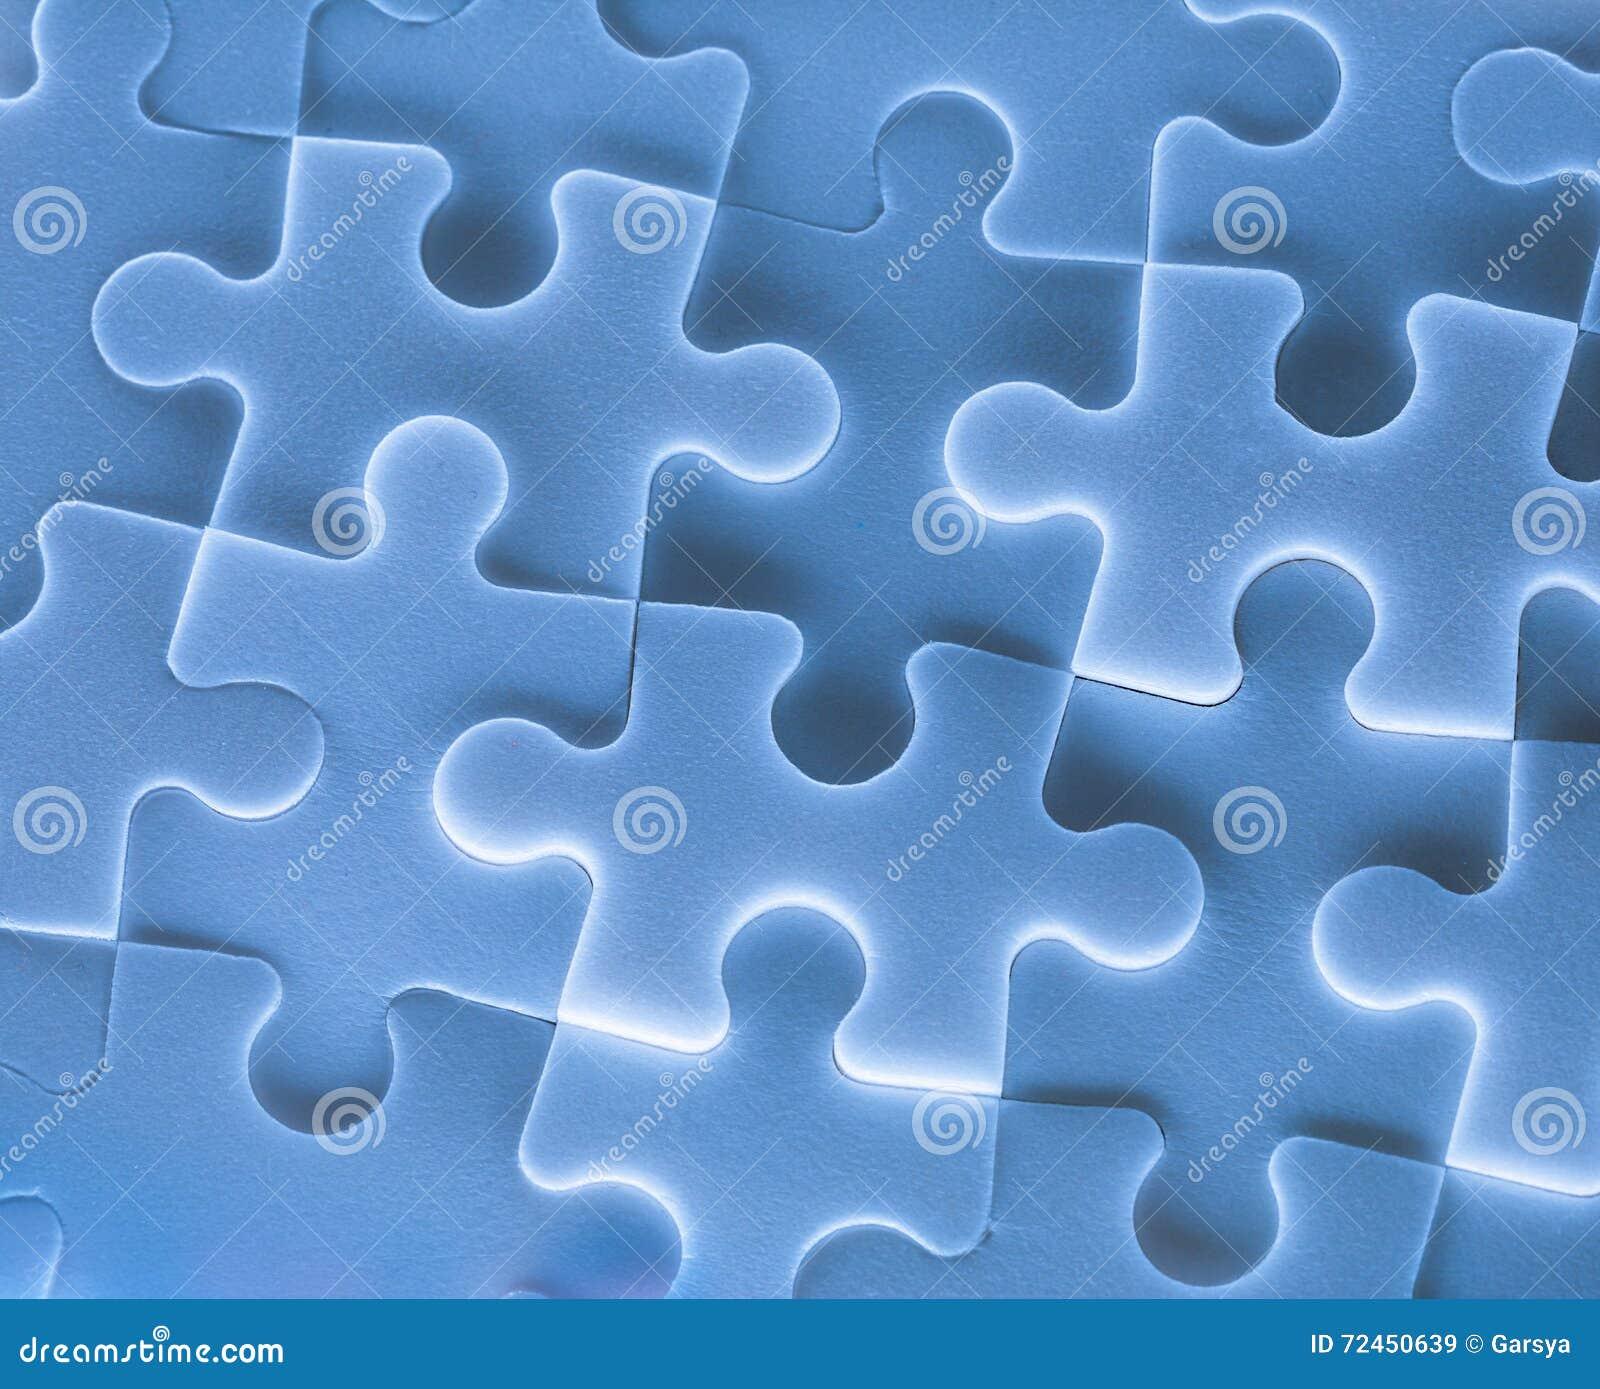 Puzzelstukken als achtergrond